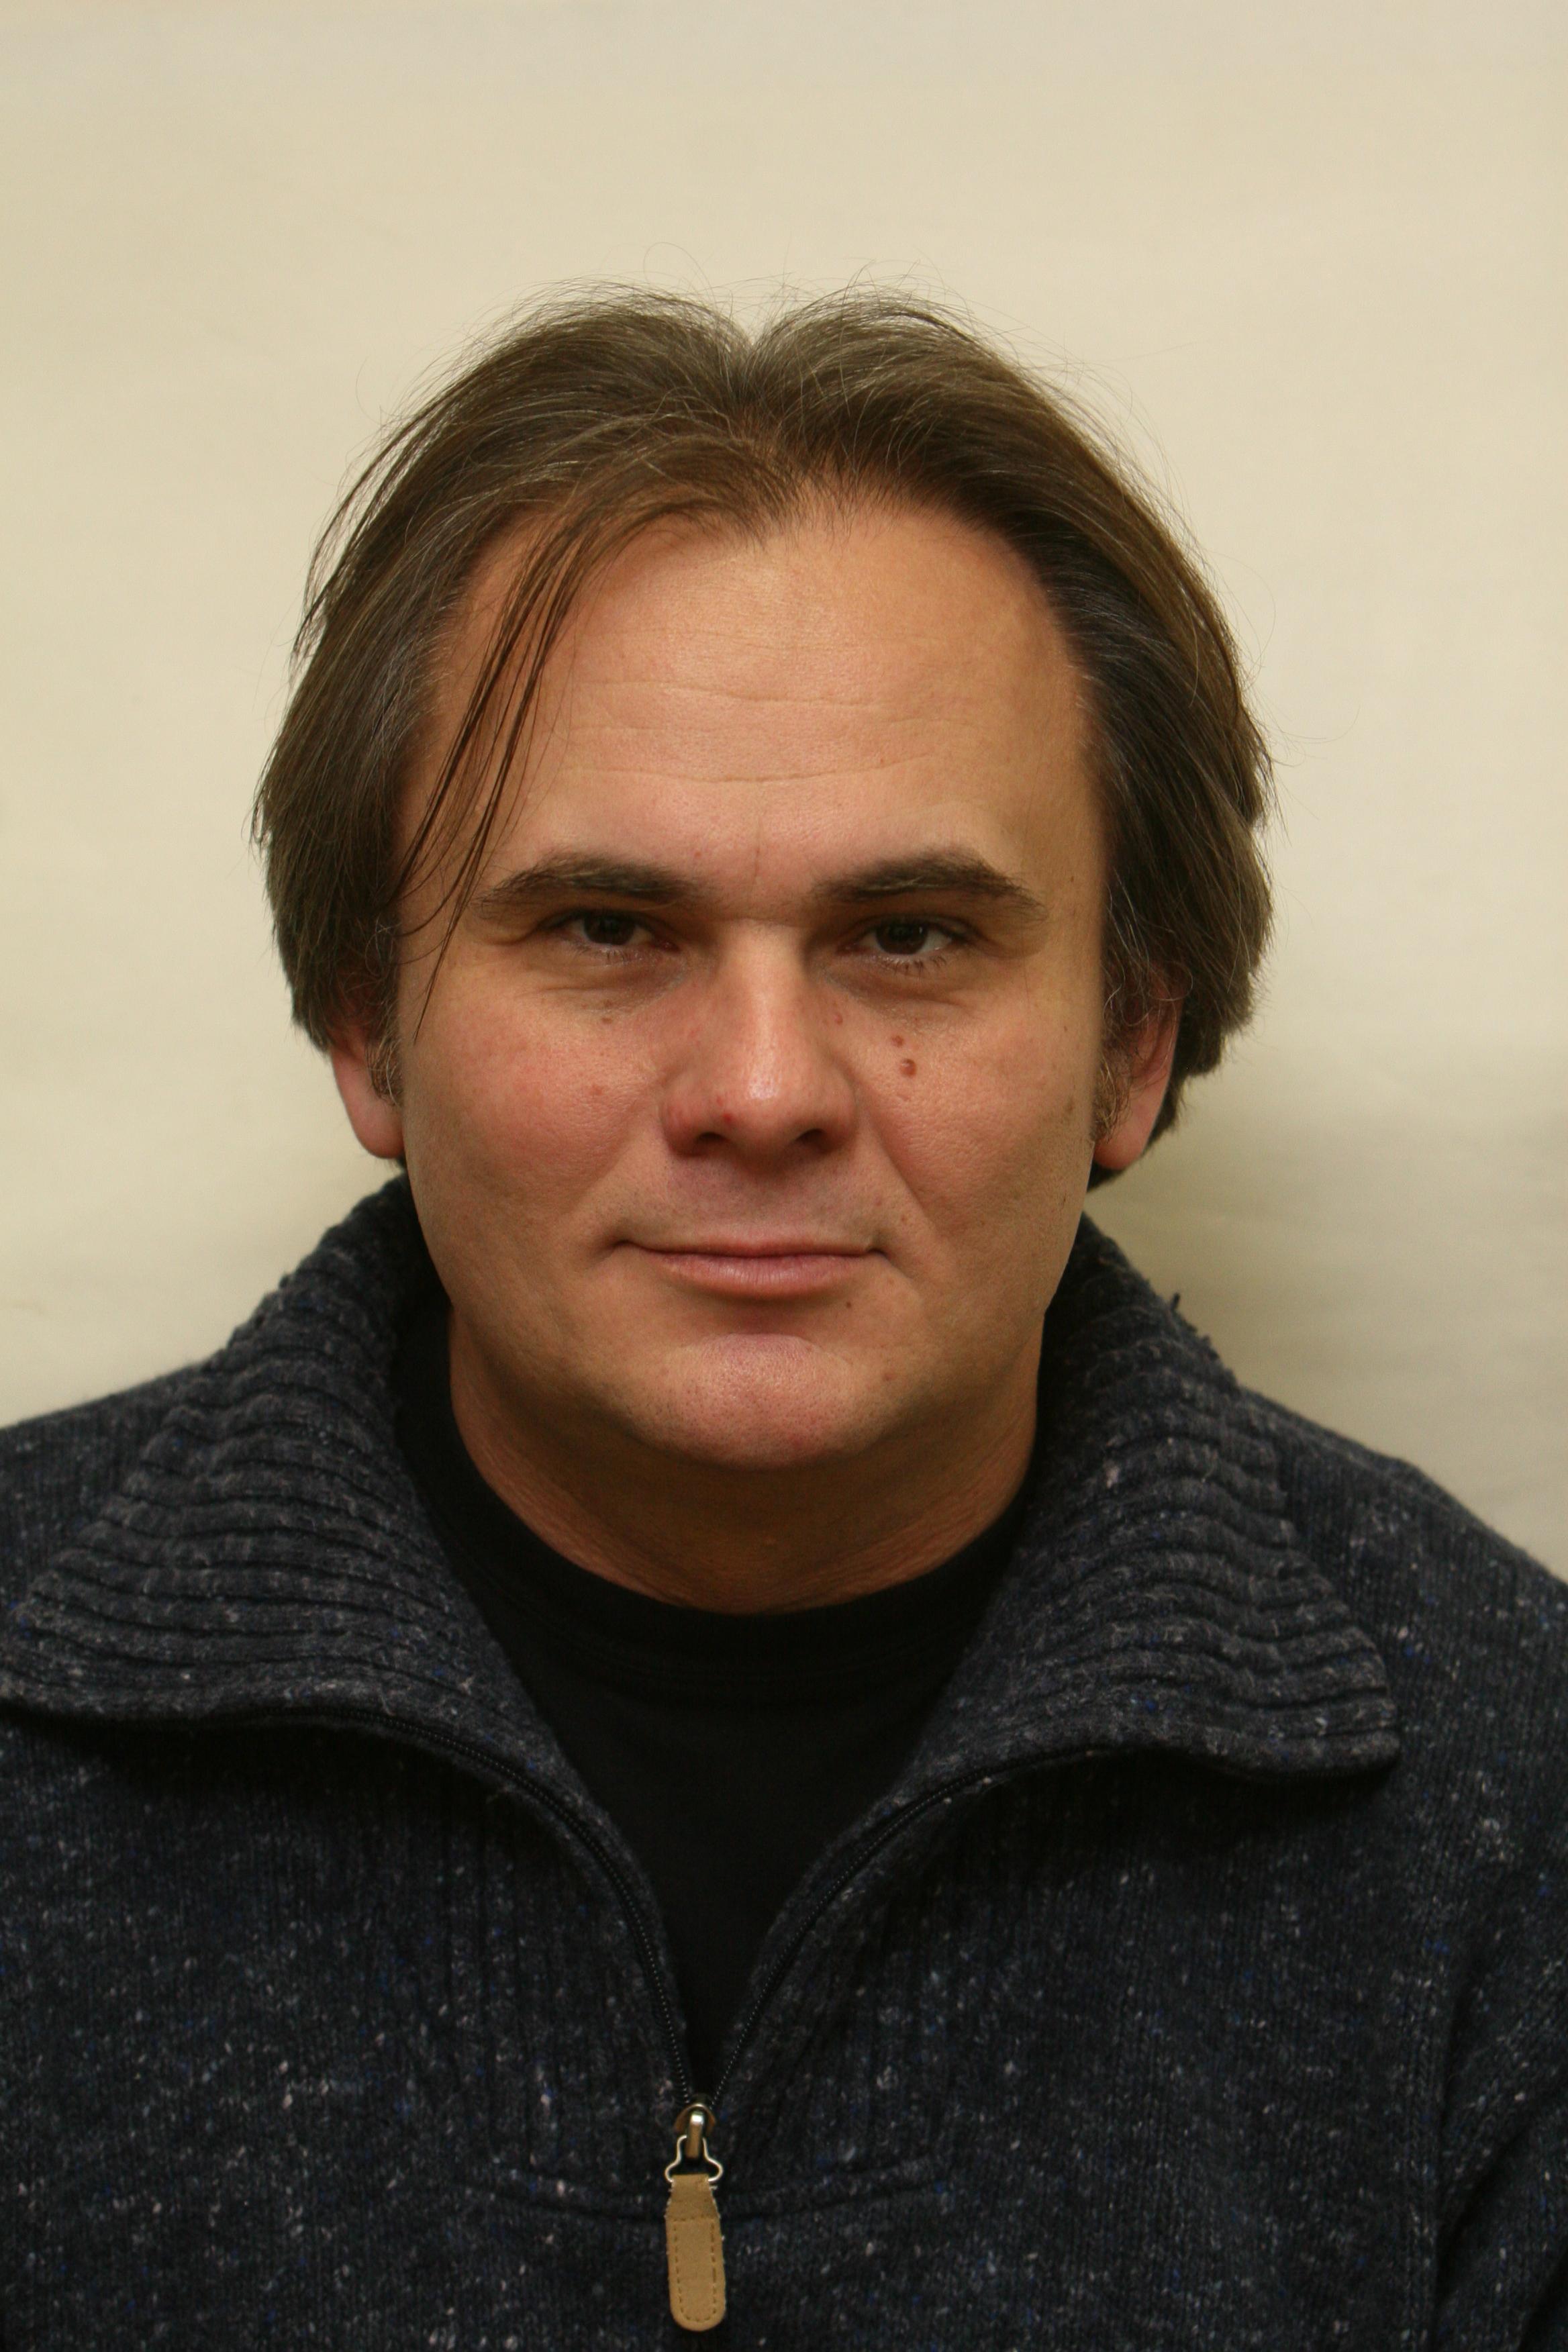 Дмитрий Семенов: Как приготовить майонез в кризис